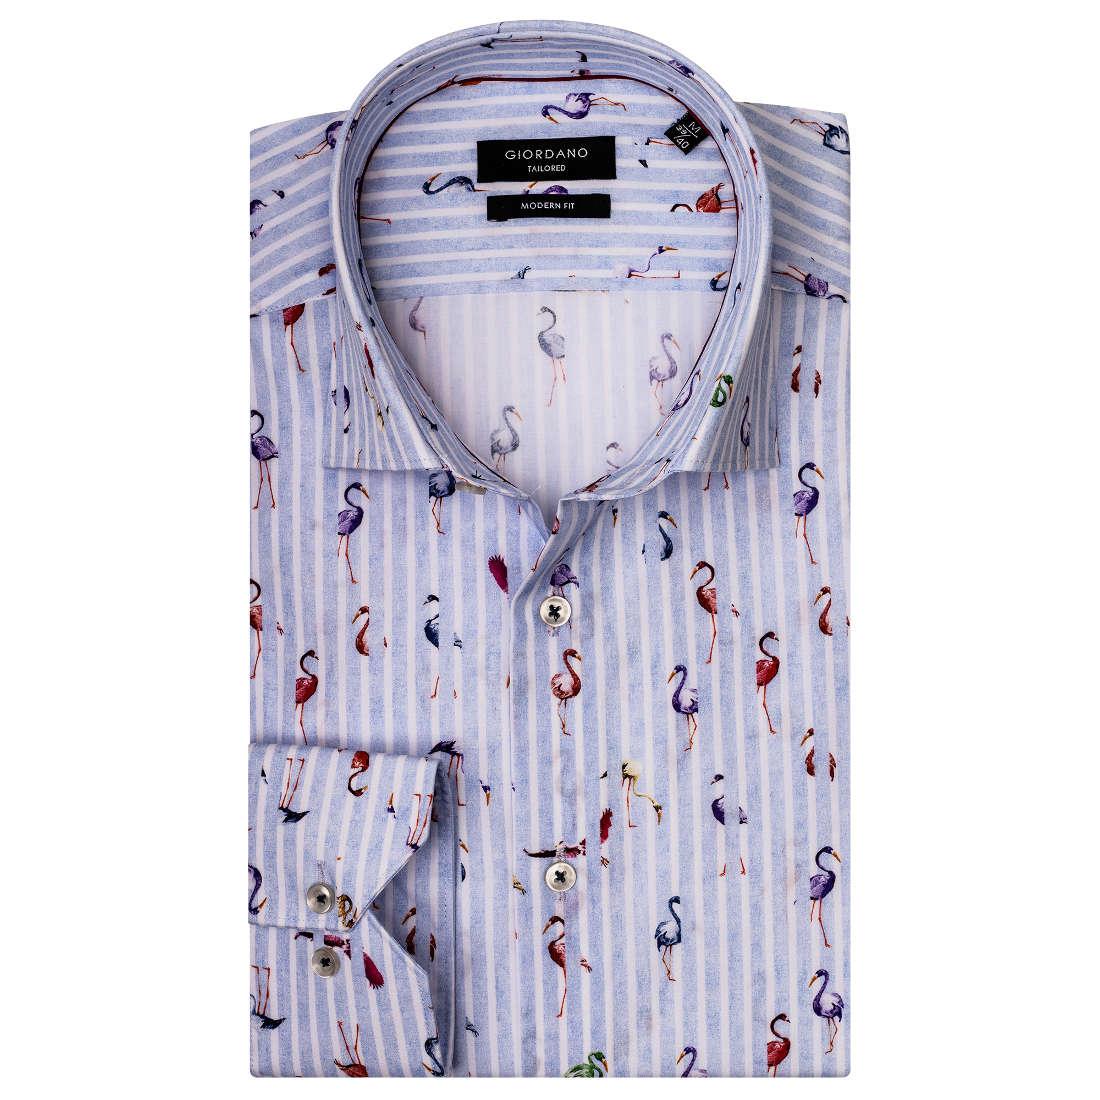 Giordano overhemd Modern Fit 91-7817 in het Licht Blauw